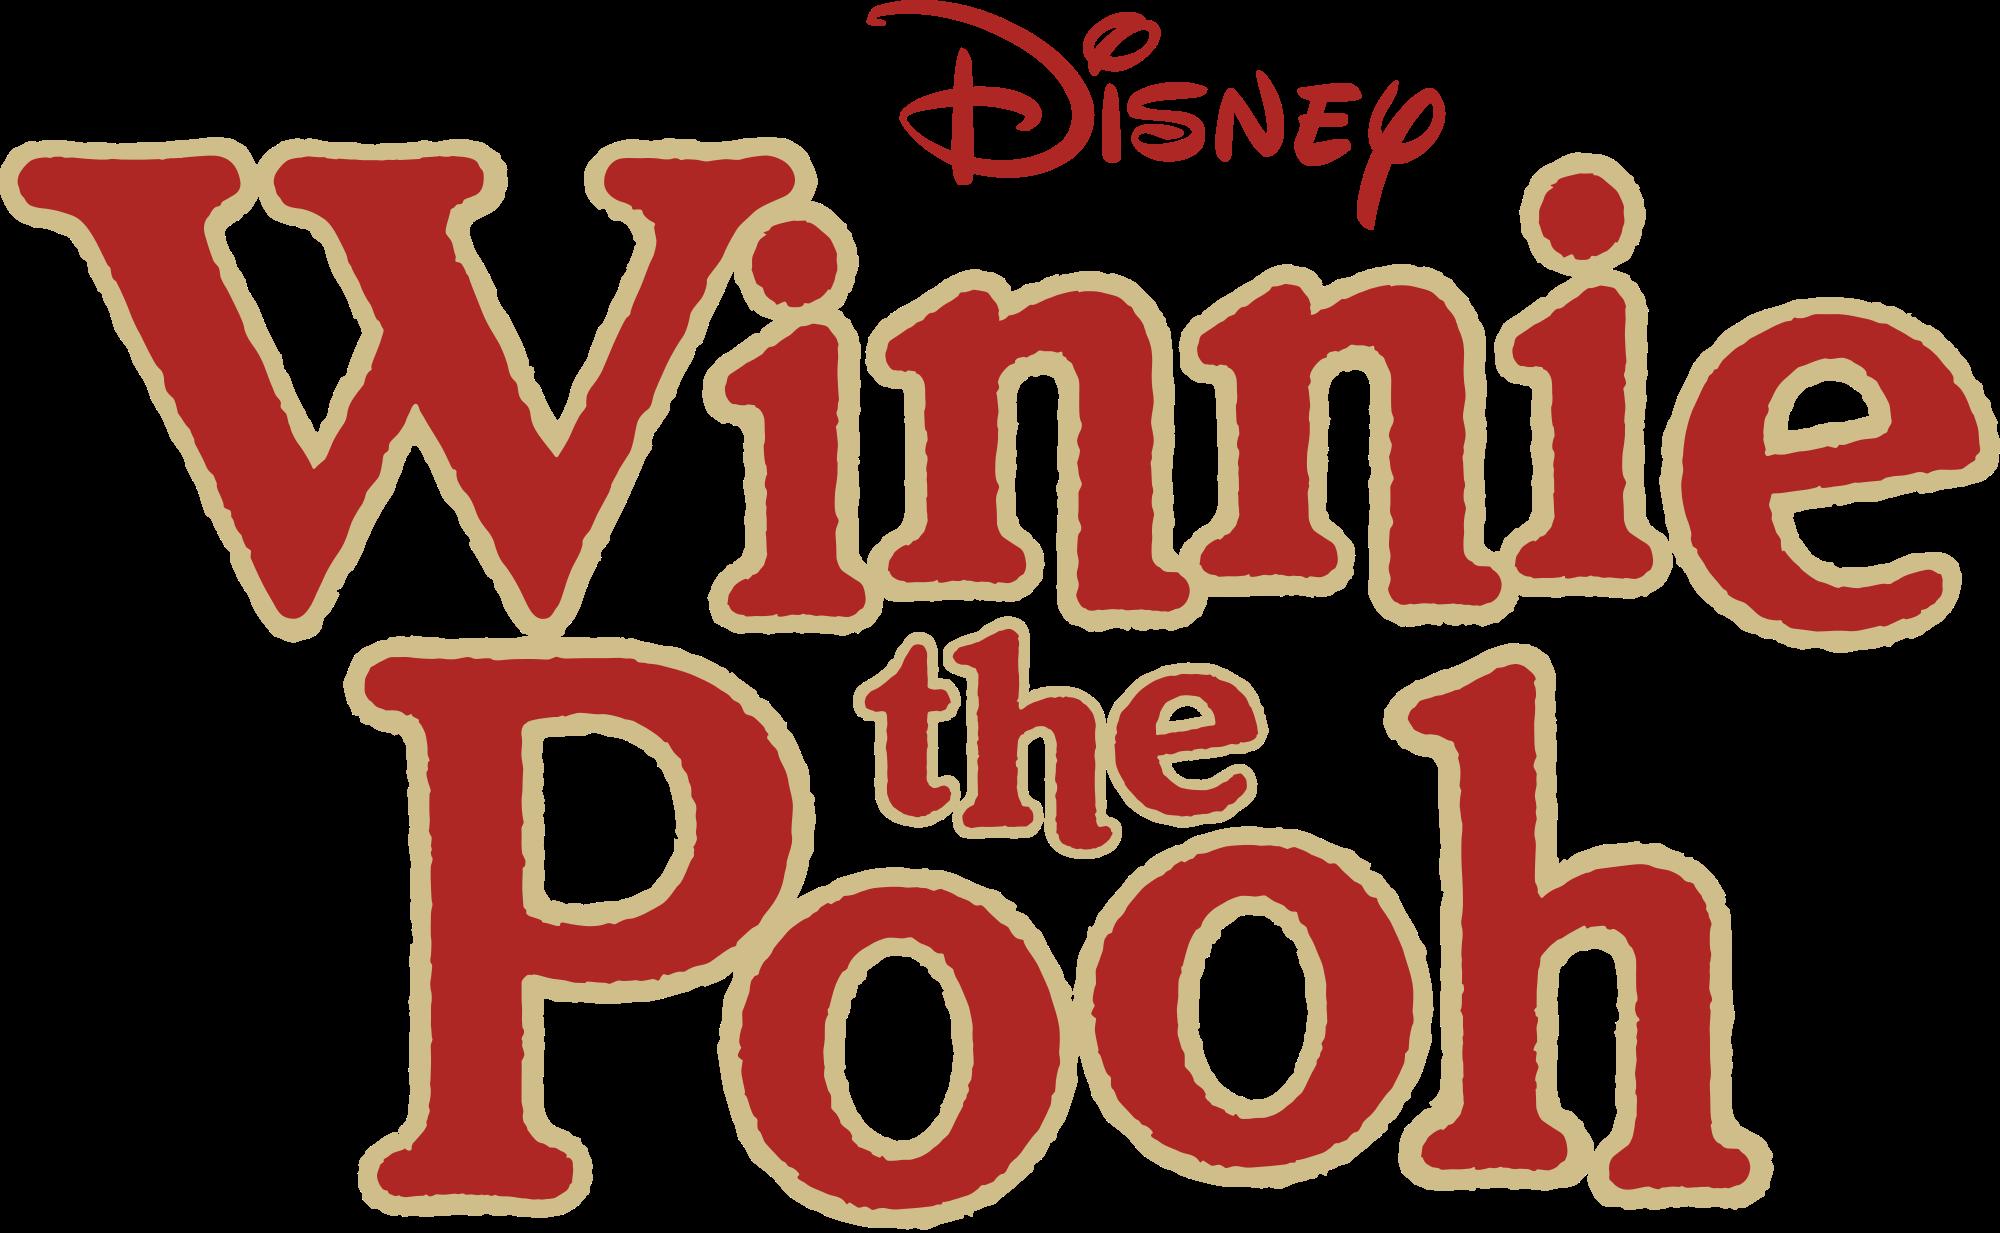 Výsledek obrázku pro pooh bear logo png